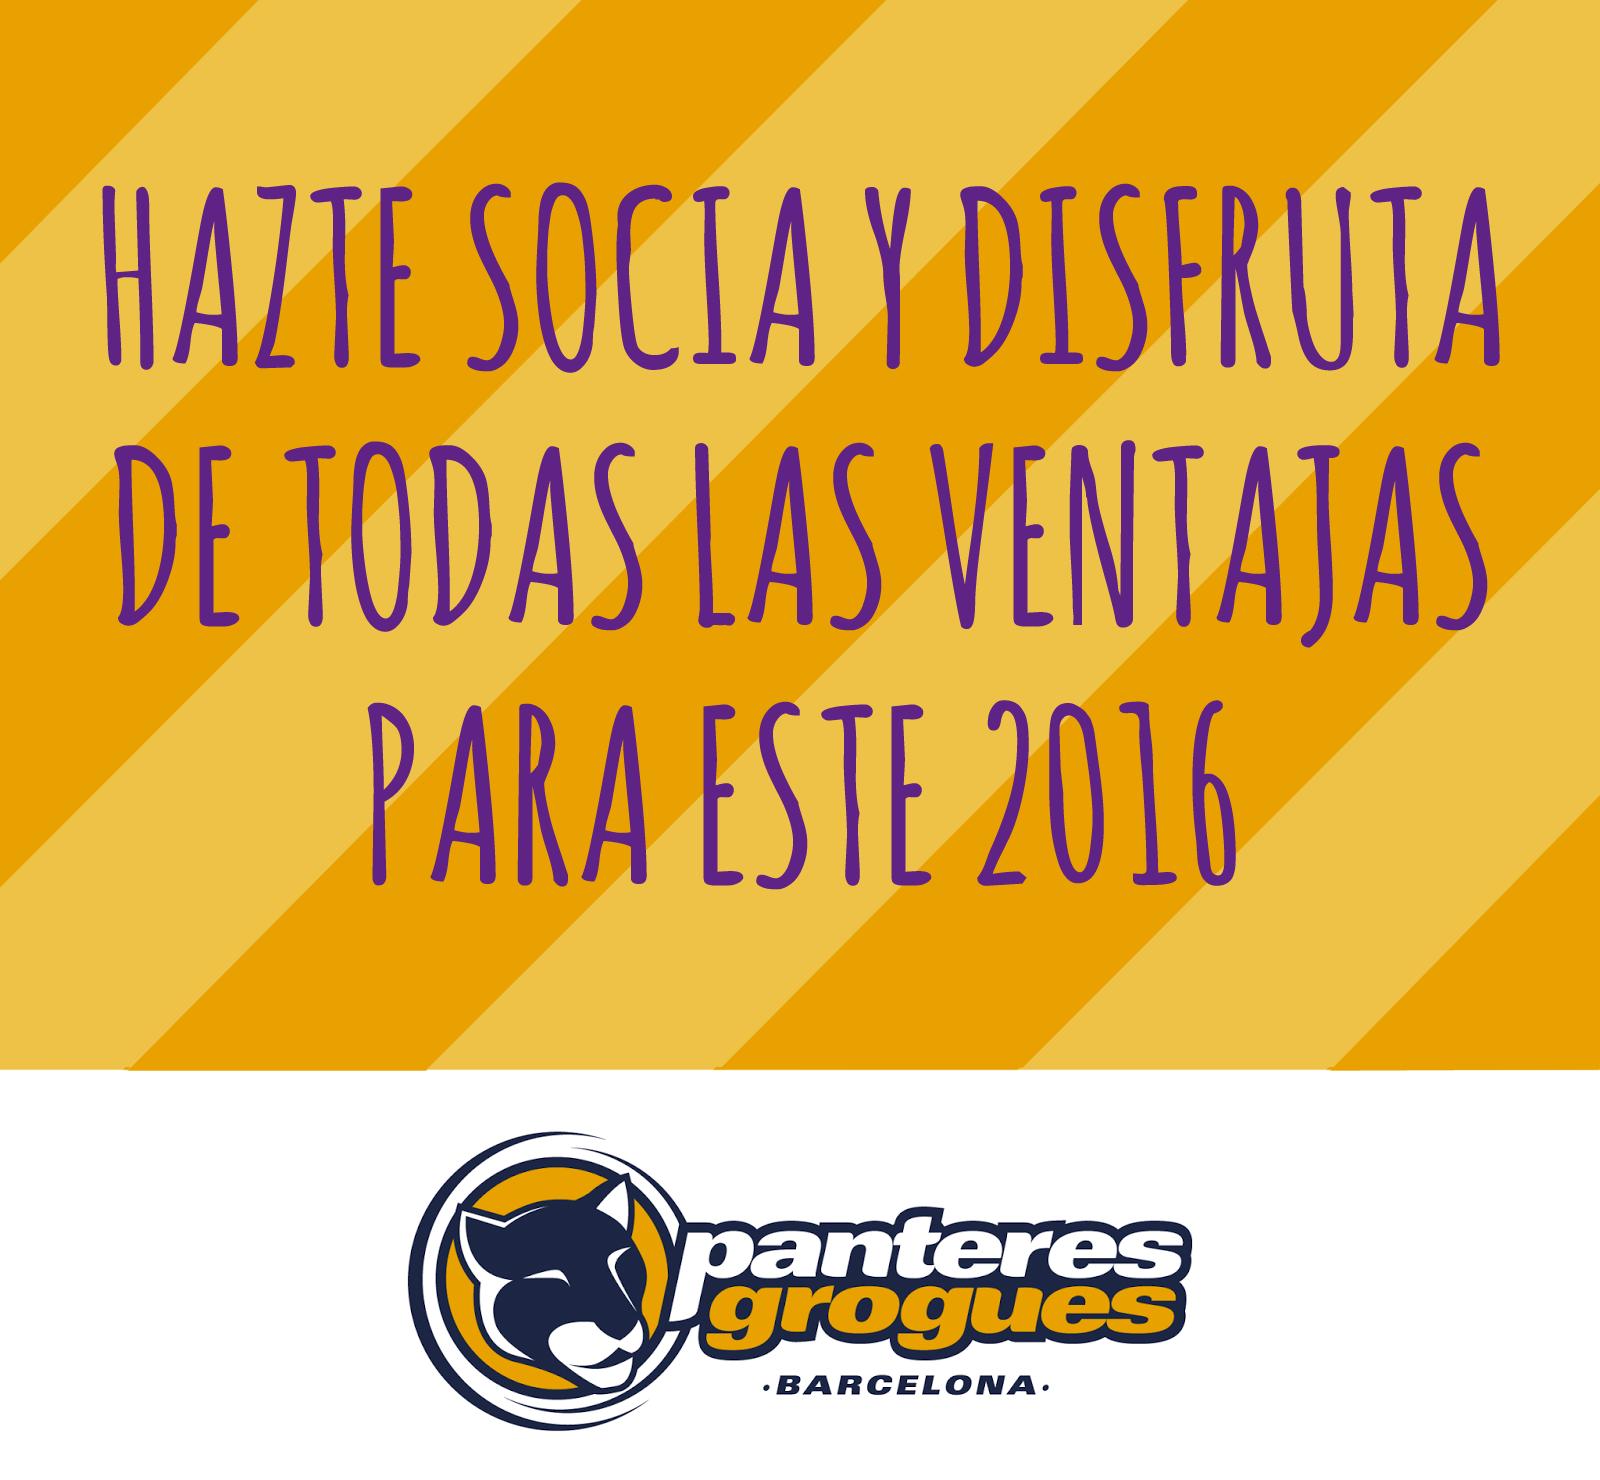 HAZTE SOCIA